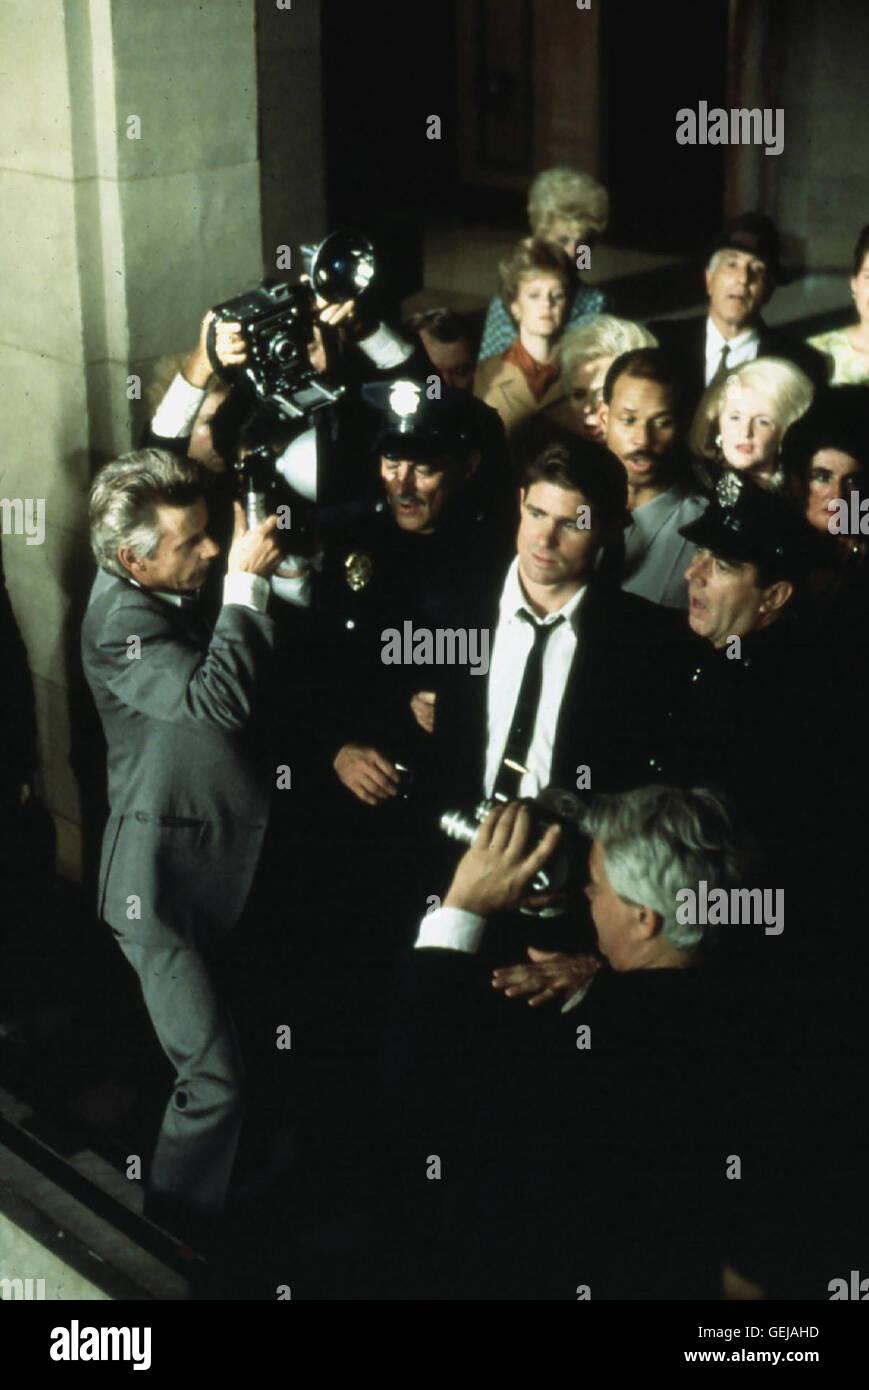 Treat Williams Nachdem der gewalttaetige Ex-Cop Alan Palliko (Treat Williams) den Mann seiner Geliebten aus Geldgier umgebracht, wird er aus Mangel an Beweisen freigesprochen. *** Local Caption *** 1991, Till Death Do Us Part, Der Tod Wird Uns Scheiden Stock Photo